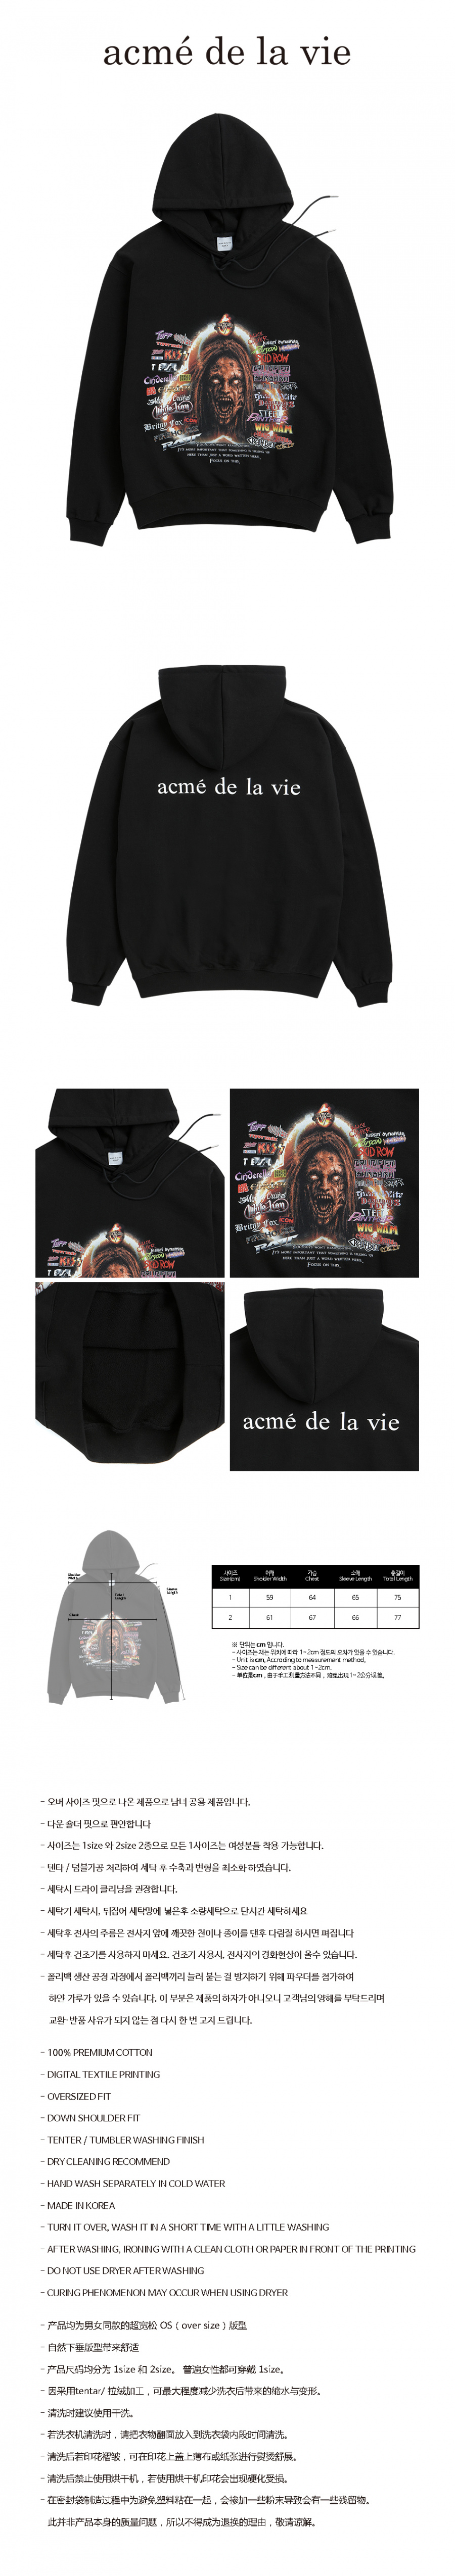 아크메드라비(ACME DE LA VIE) CARTOON HOODIE 카툰후드 좀비 우먼